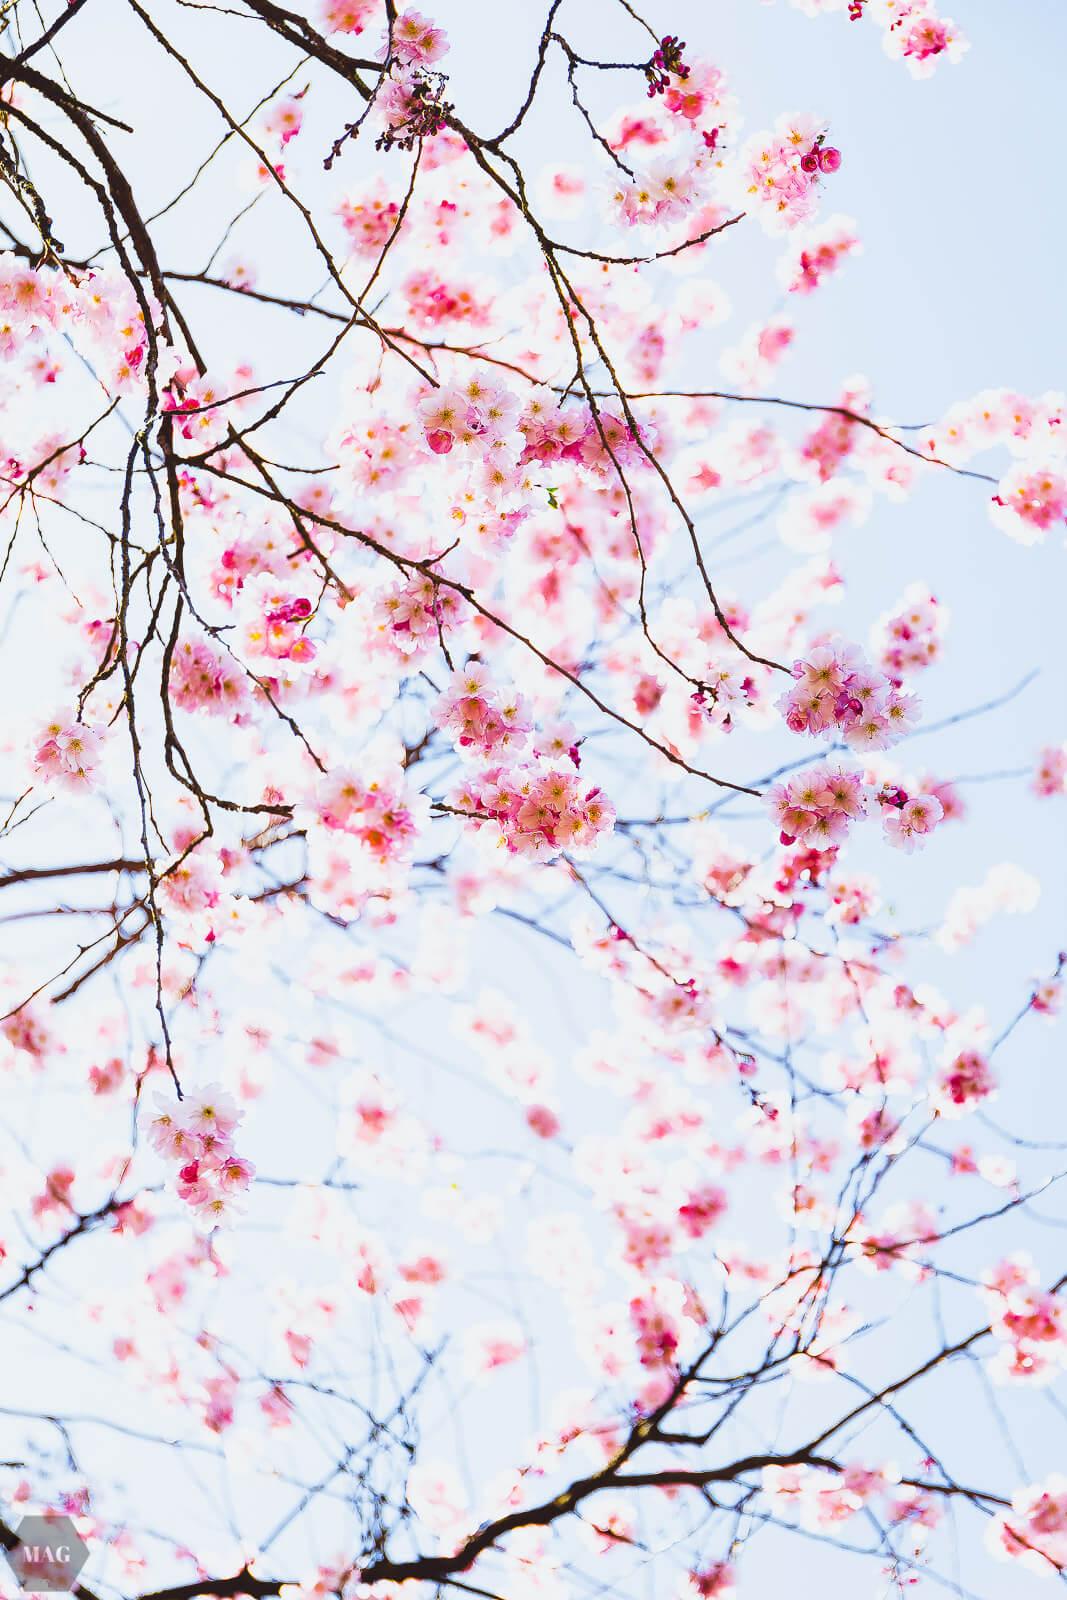 sterben, aussterben von arten, Frühling, Kirschblüten, Blumen, nachhaltig, nachhaltiger blog, Evolution und das aussterben von arten, aussterben von arten, Frühlingsgedanken, Frühlingsgefühle, Frühlingsblumen